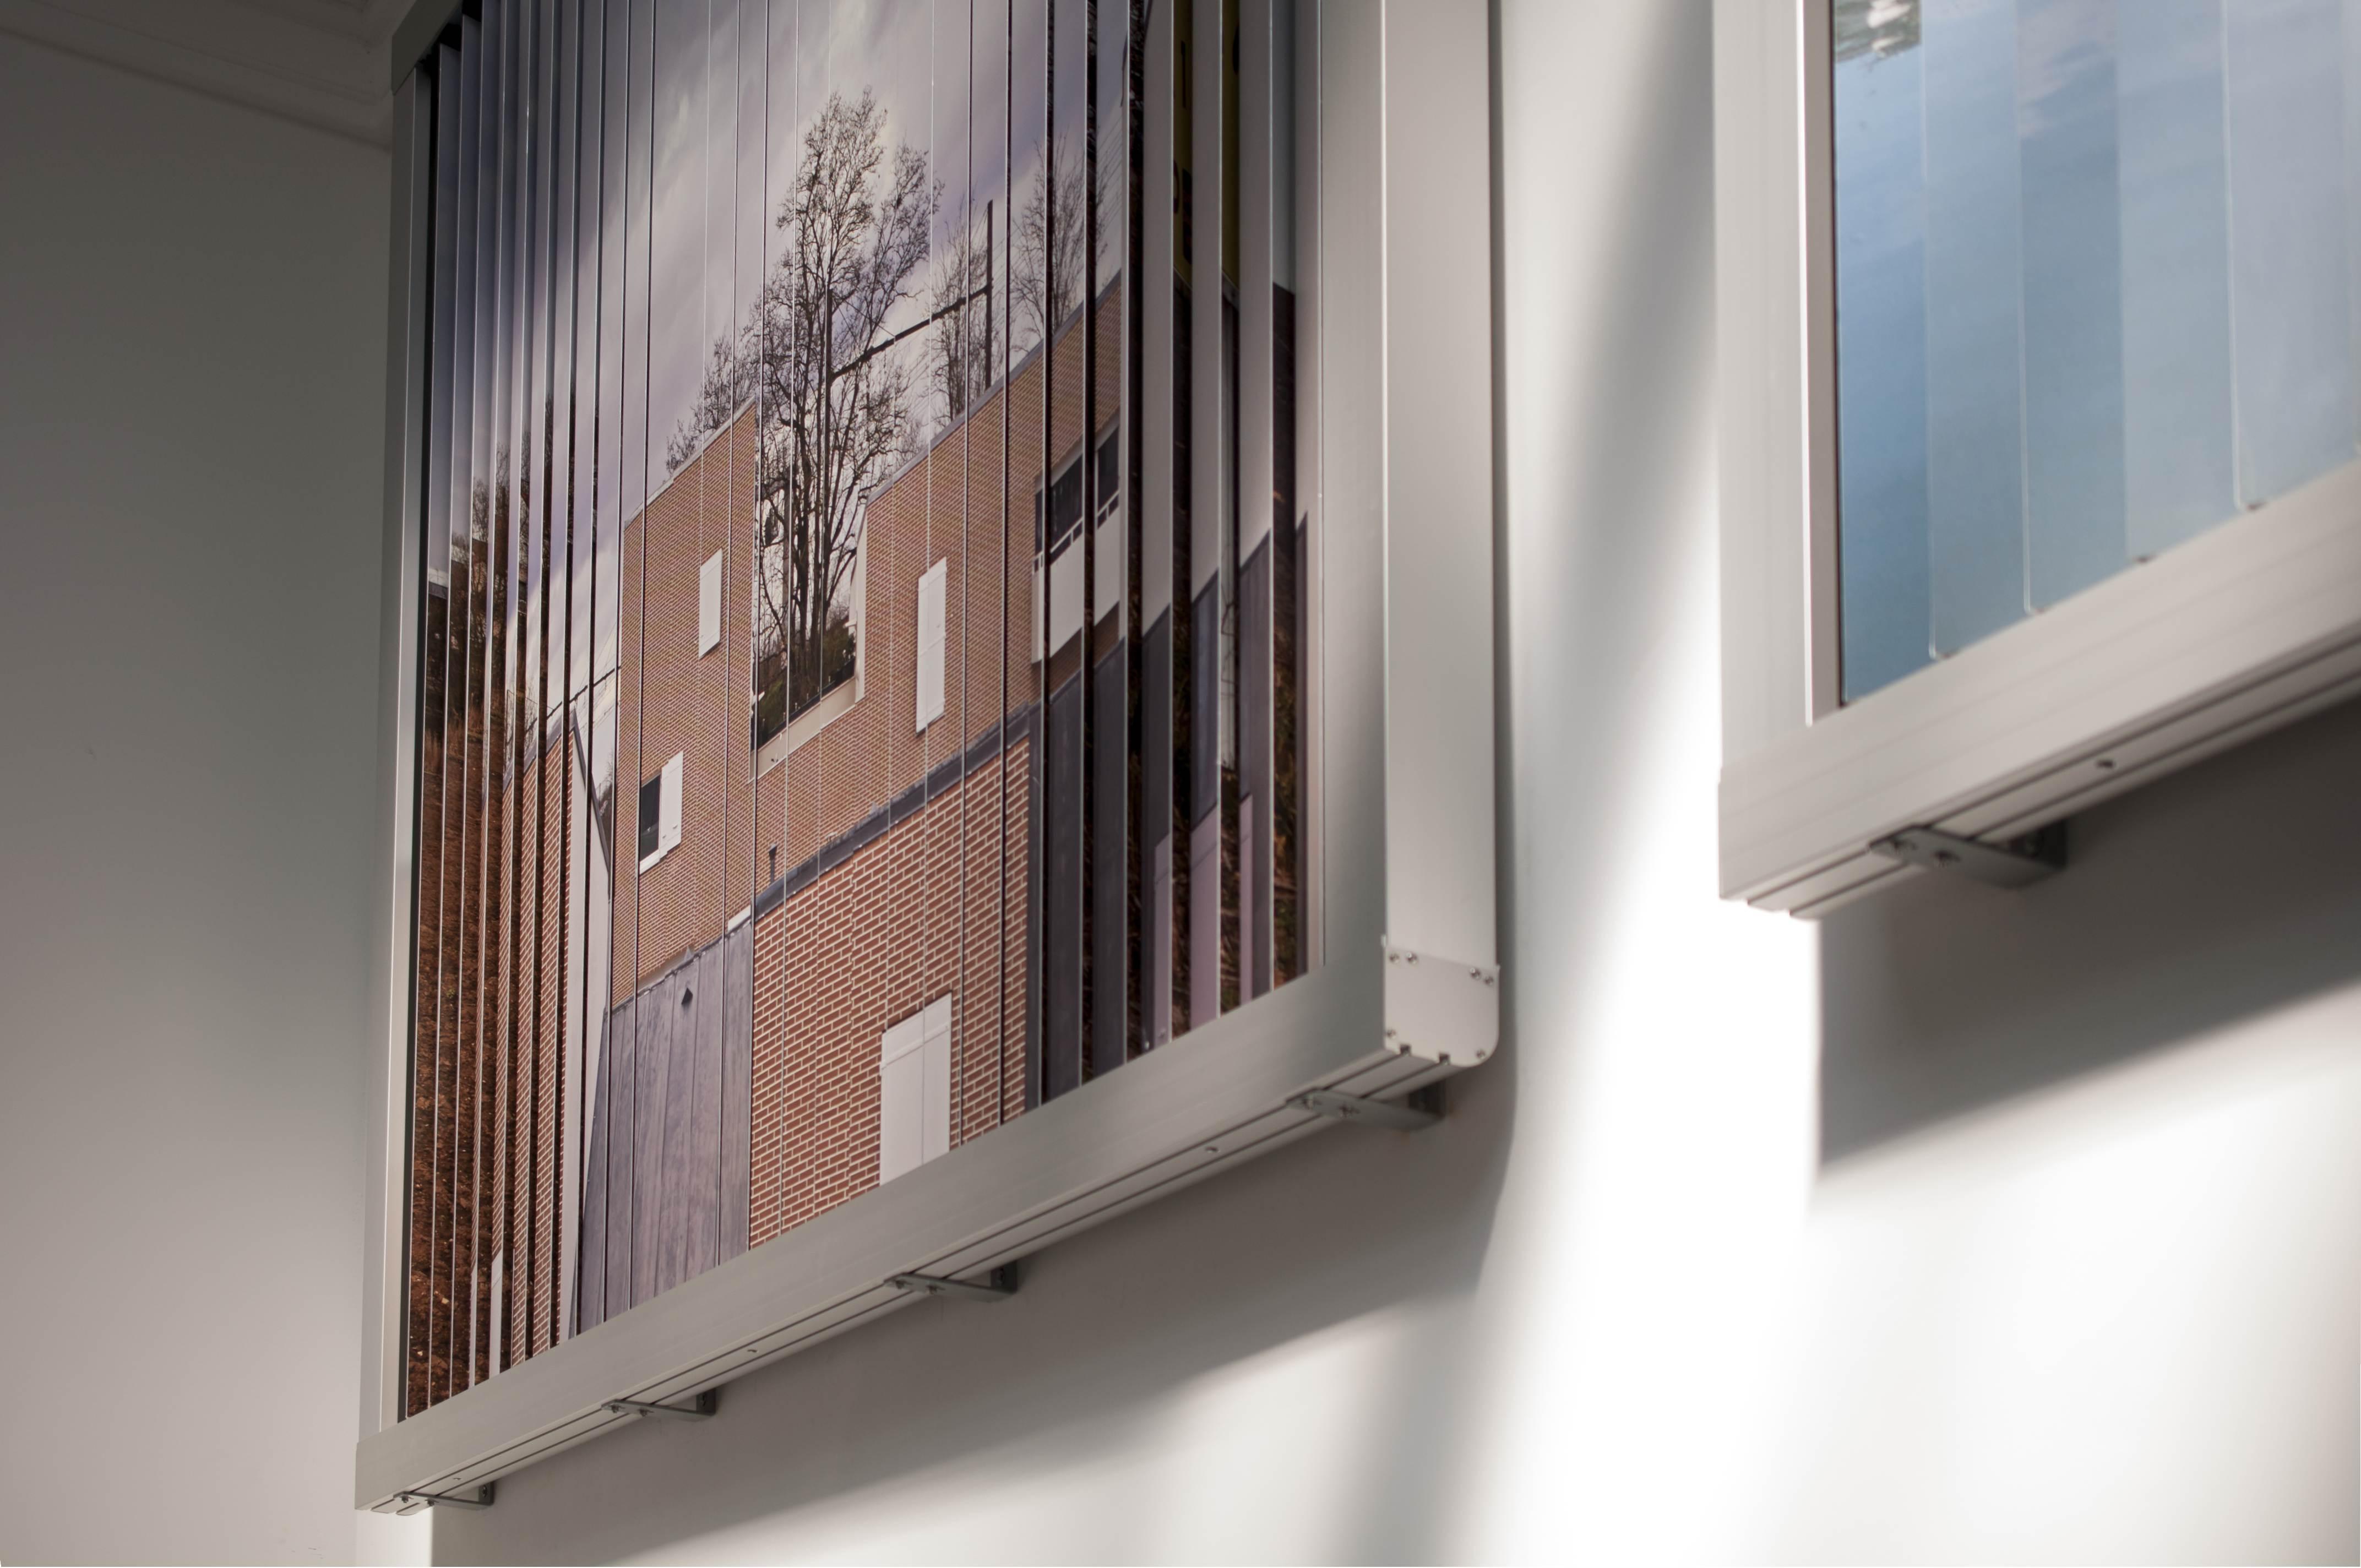 15. Mostra Internazionale di Architettura Venezia 2016 - Padiglione Francia - Photocredit Irene Fani